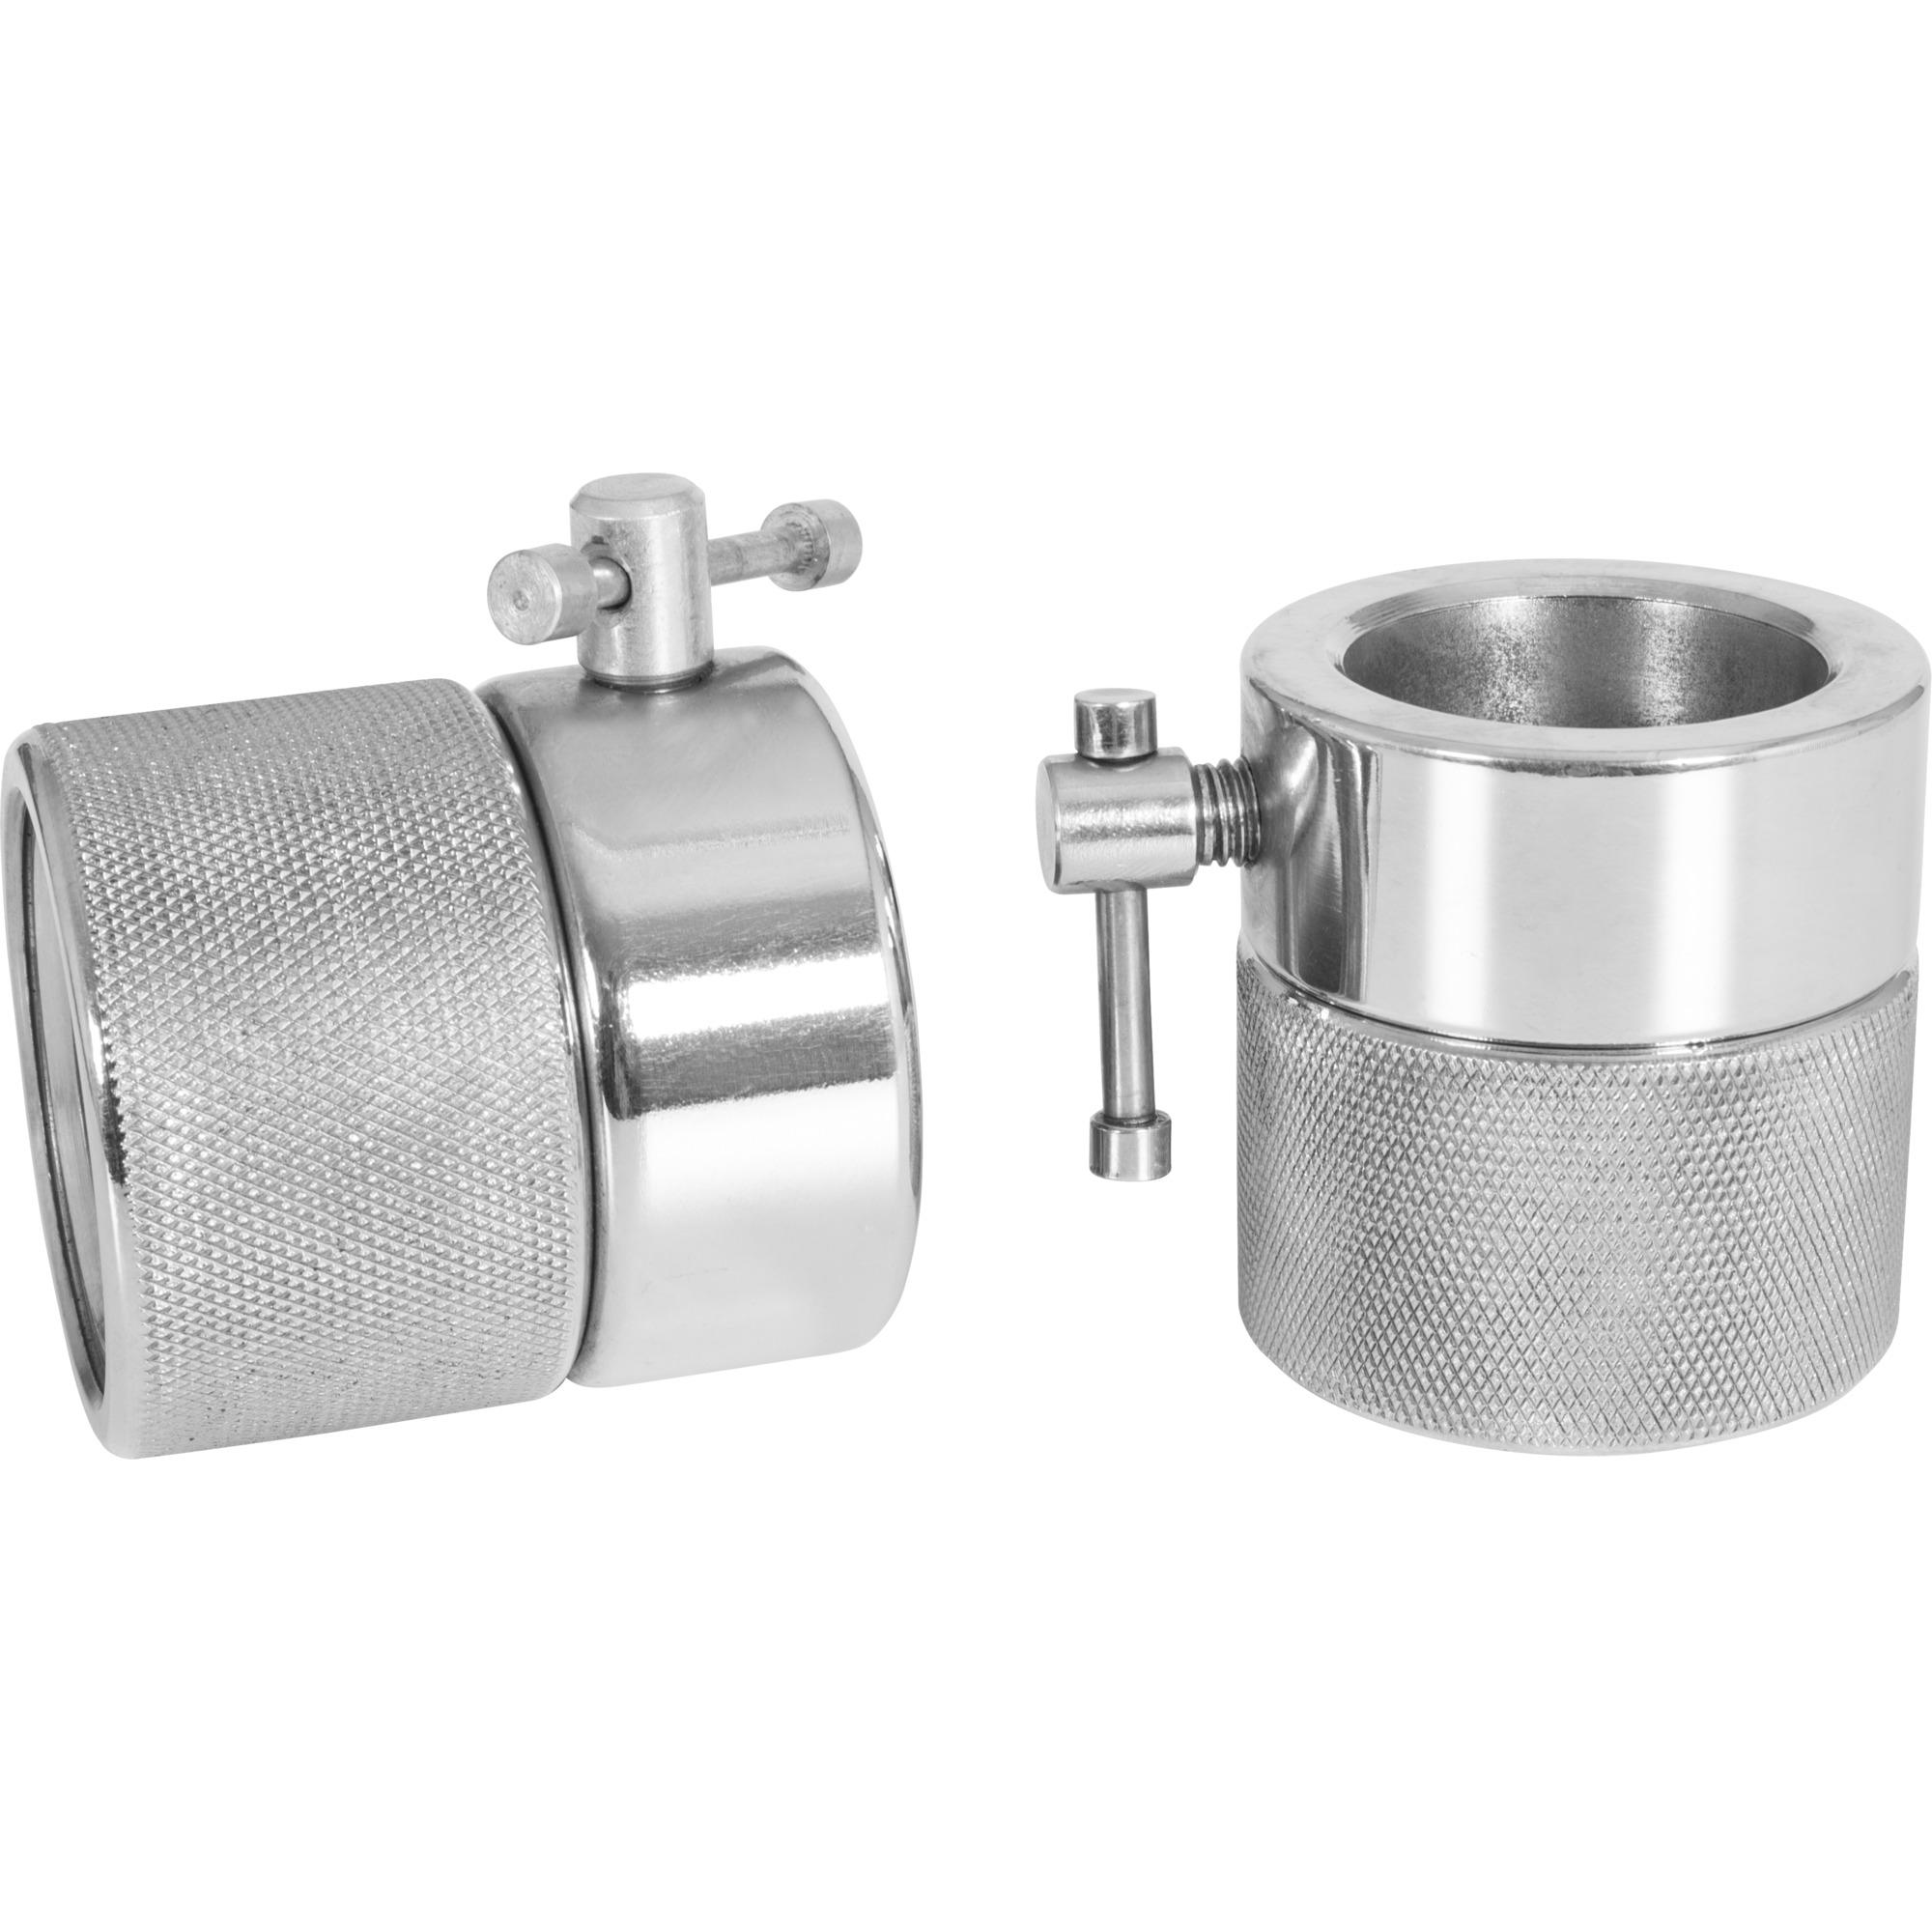 Schnellverschlüsse für Hantelstangen 50/51 mm Chrom 2-er Set